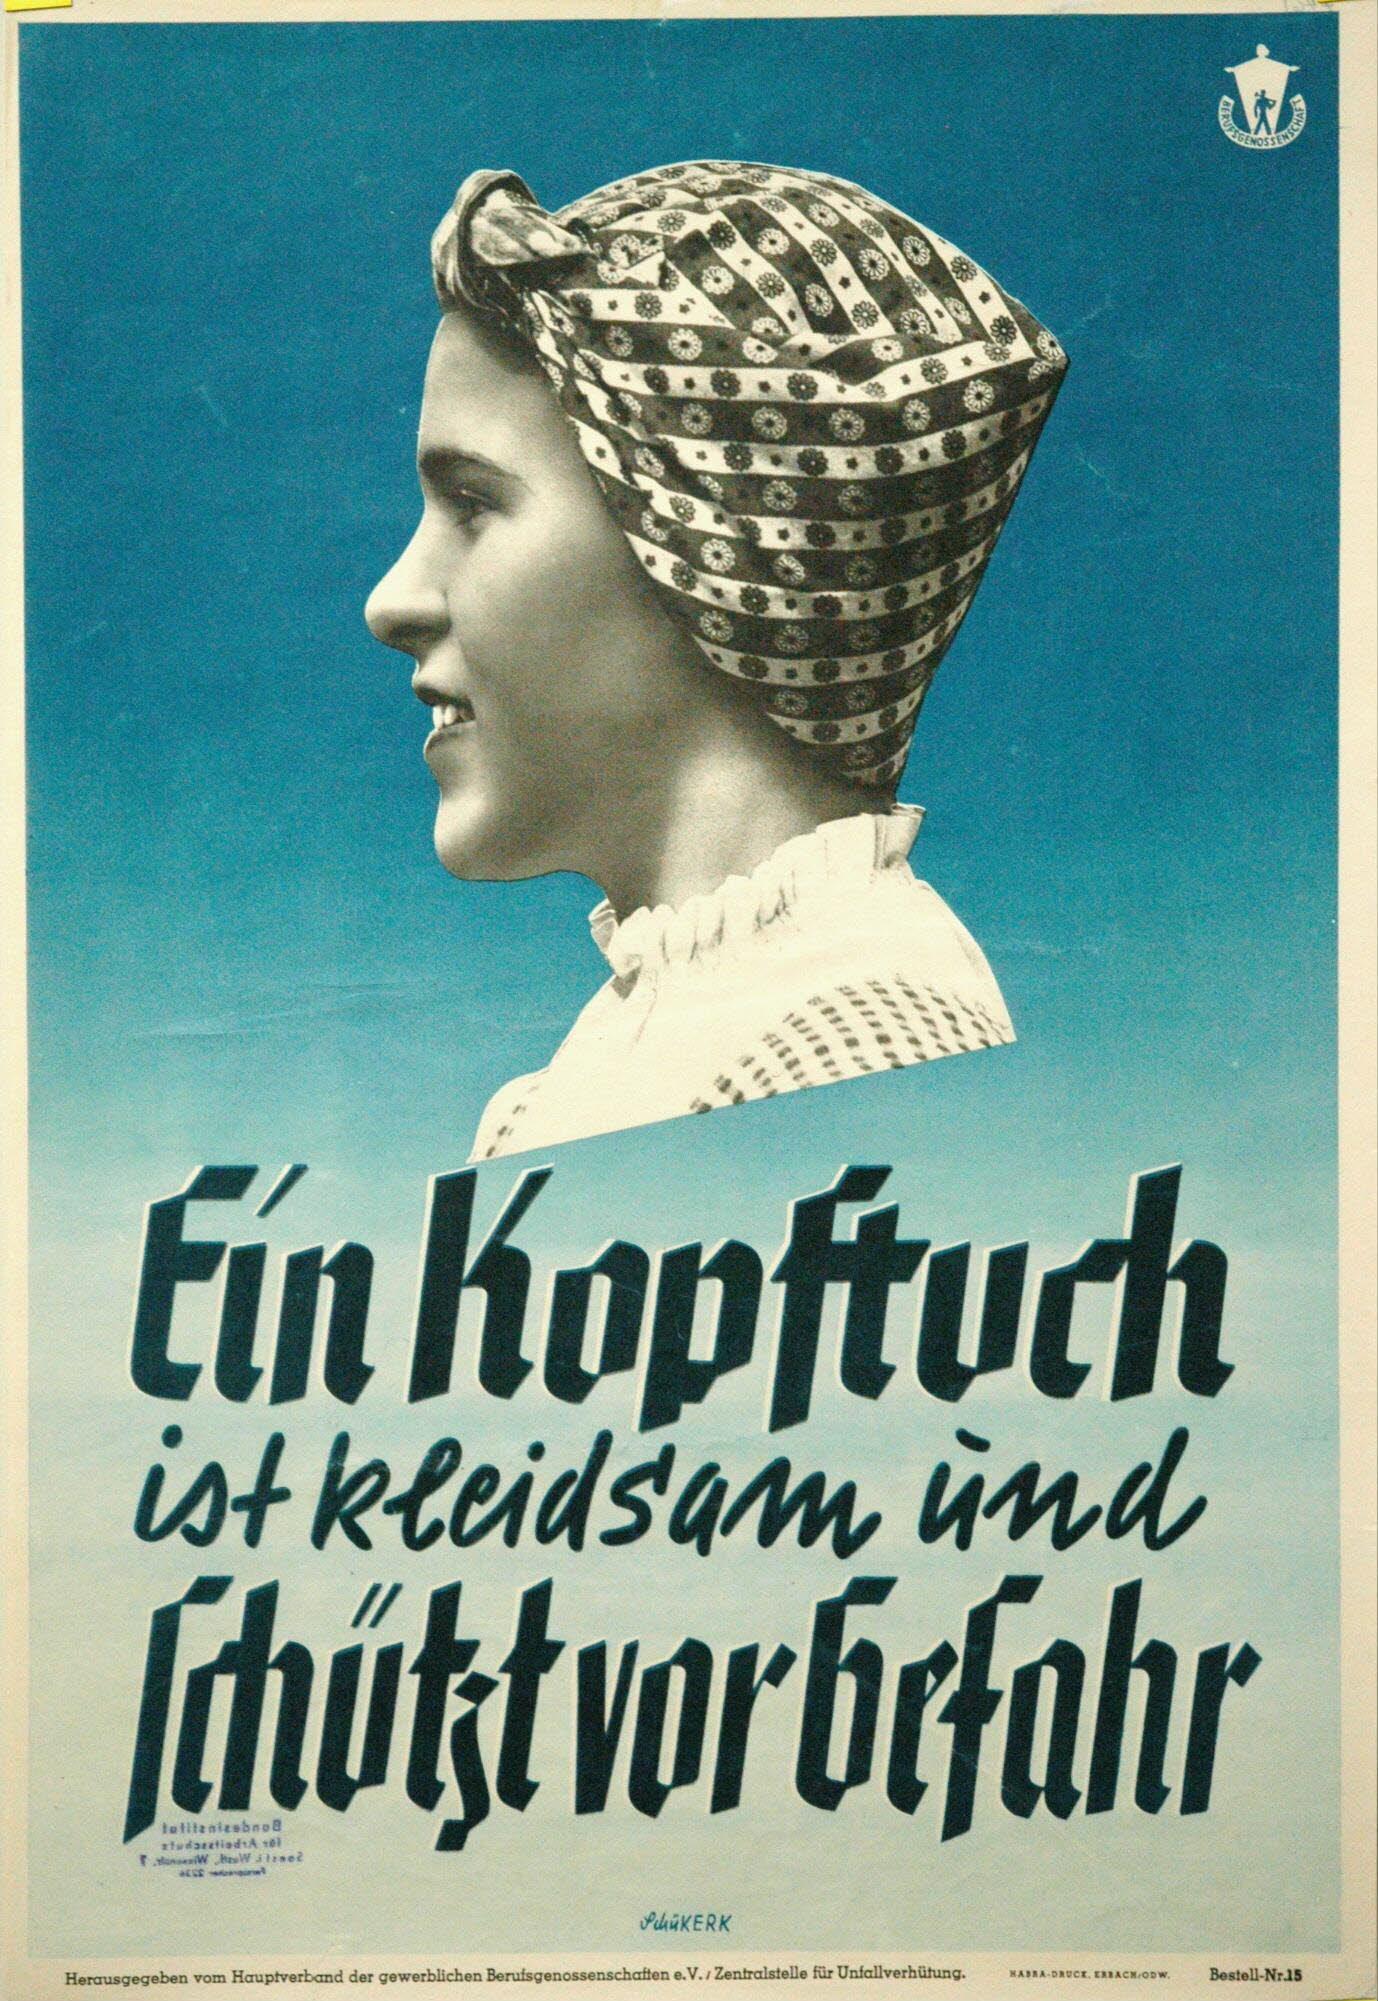 """""""Ein Kopftuch ist kleidsam und schützt vor Gefahr"""" - Herkunft/Rechte: DASA Arbeitswelt Ausstellung, Dortmund [CC BY-NC-SA]"""